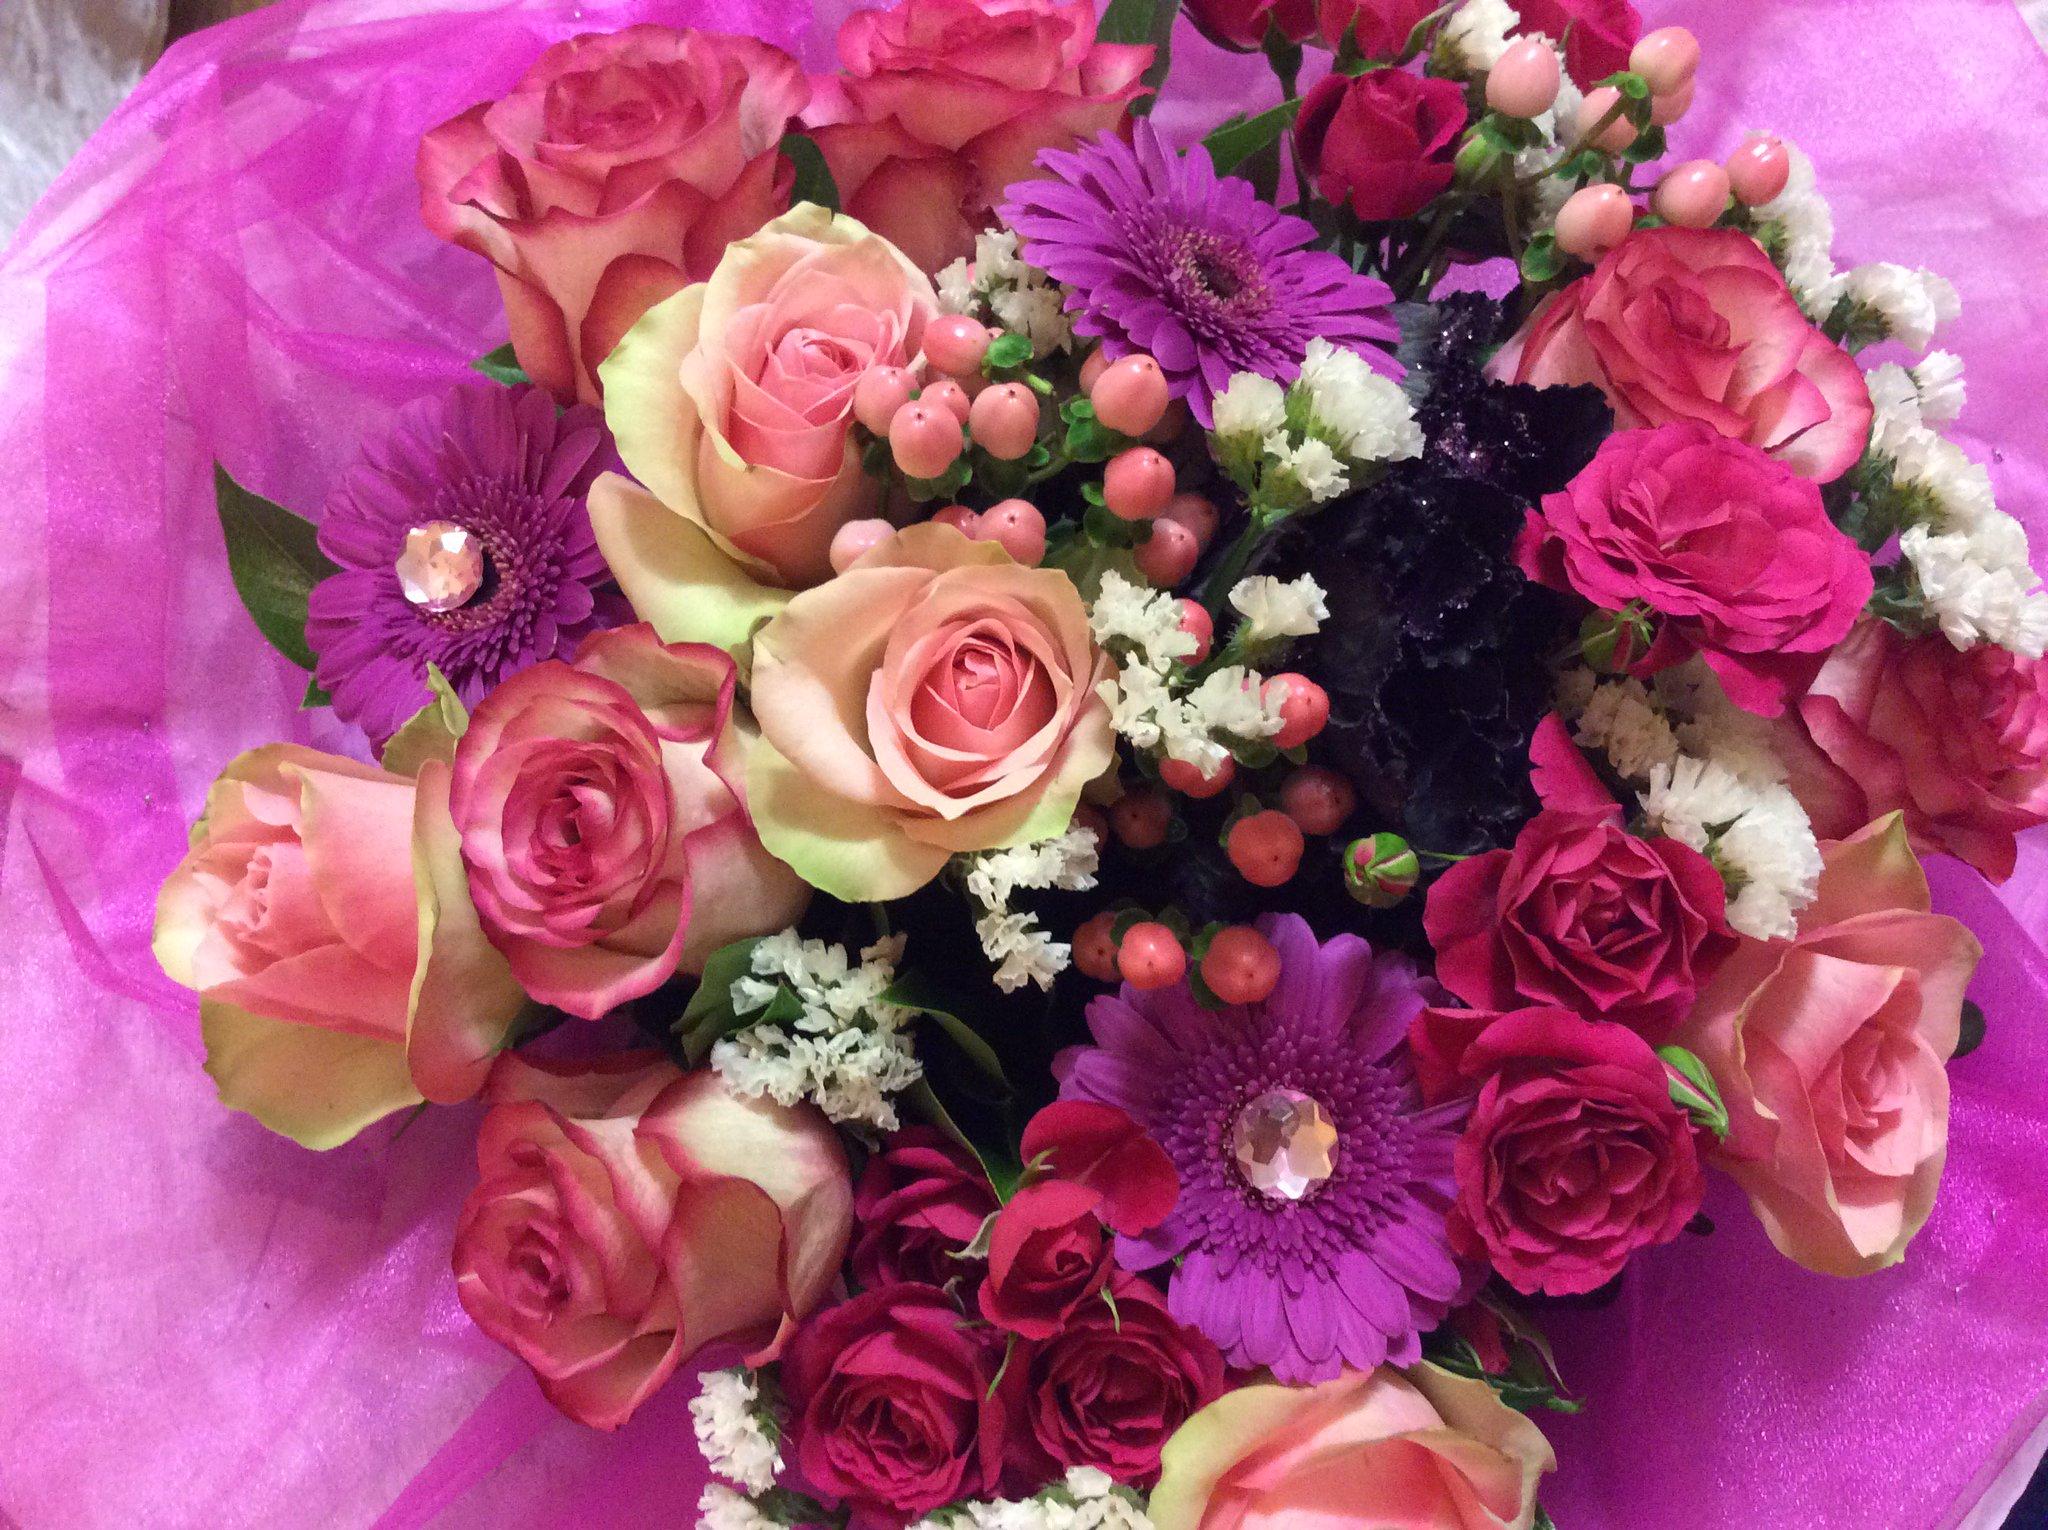 Надписью рада, букетики цветов картинки самой красивой женщине